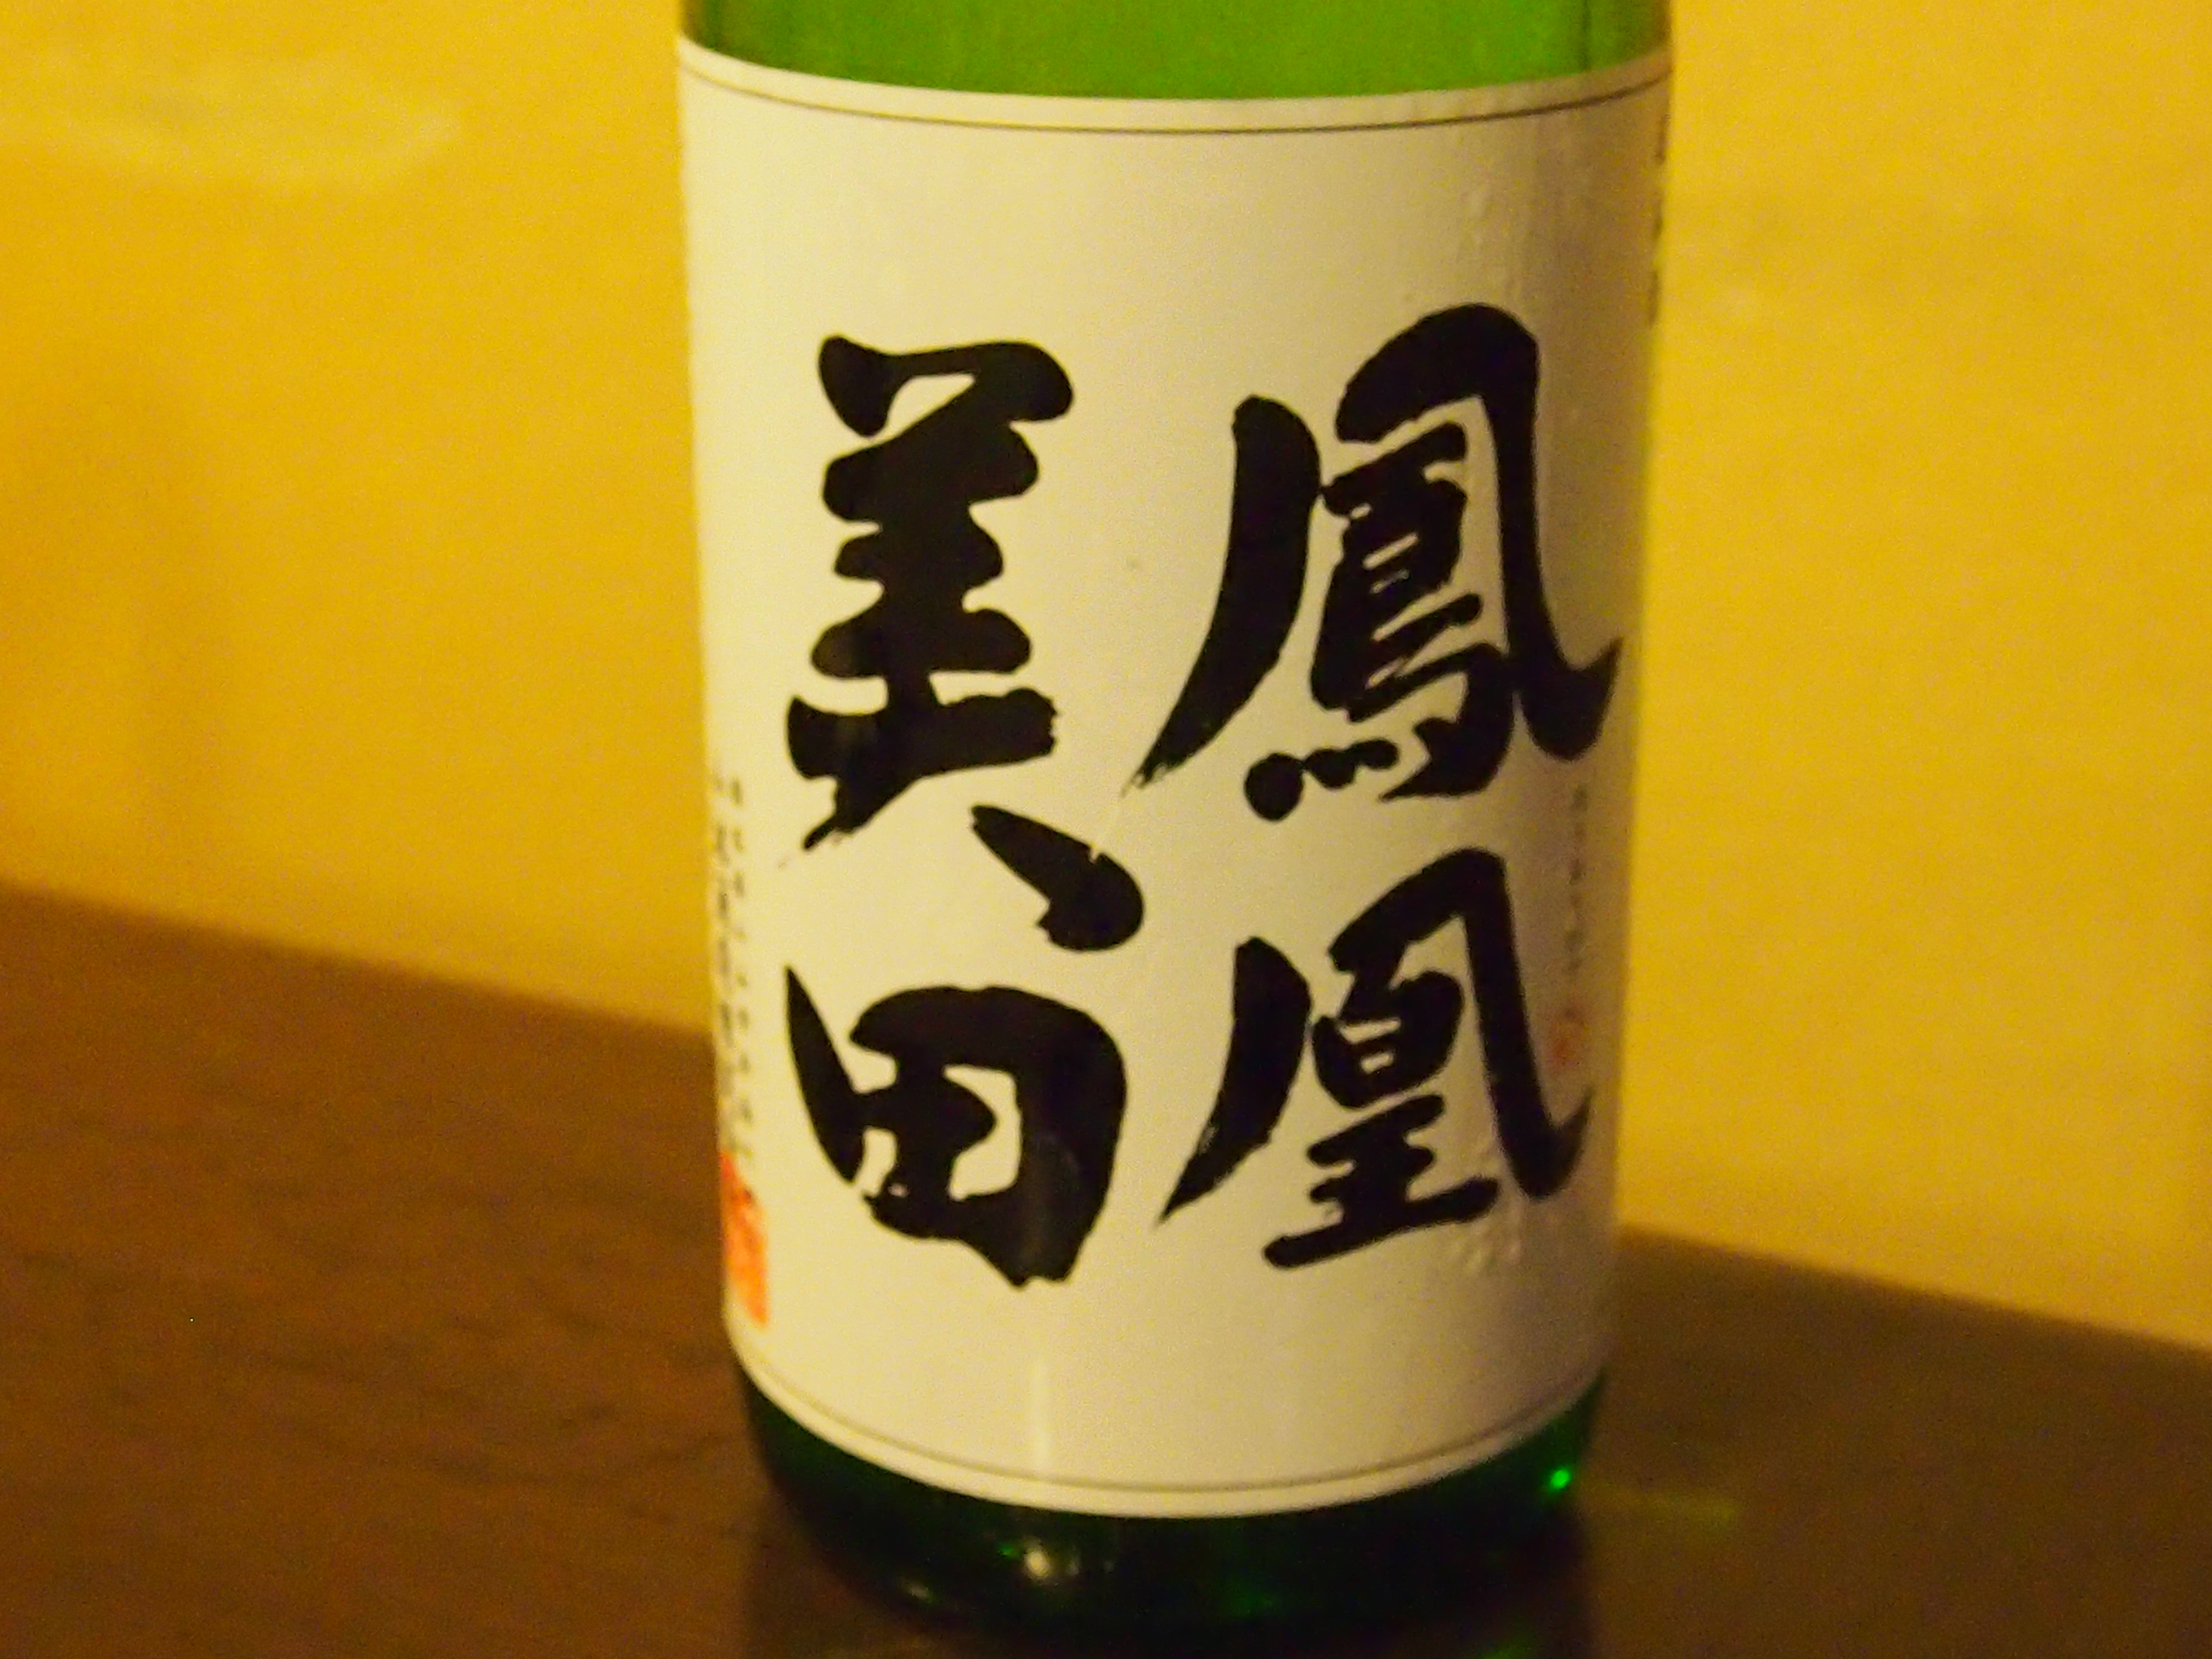 鳳凰美田 栃木 酒度+3